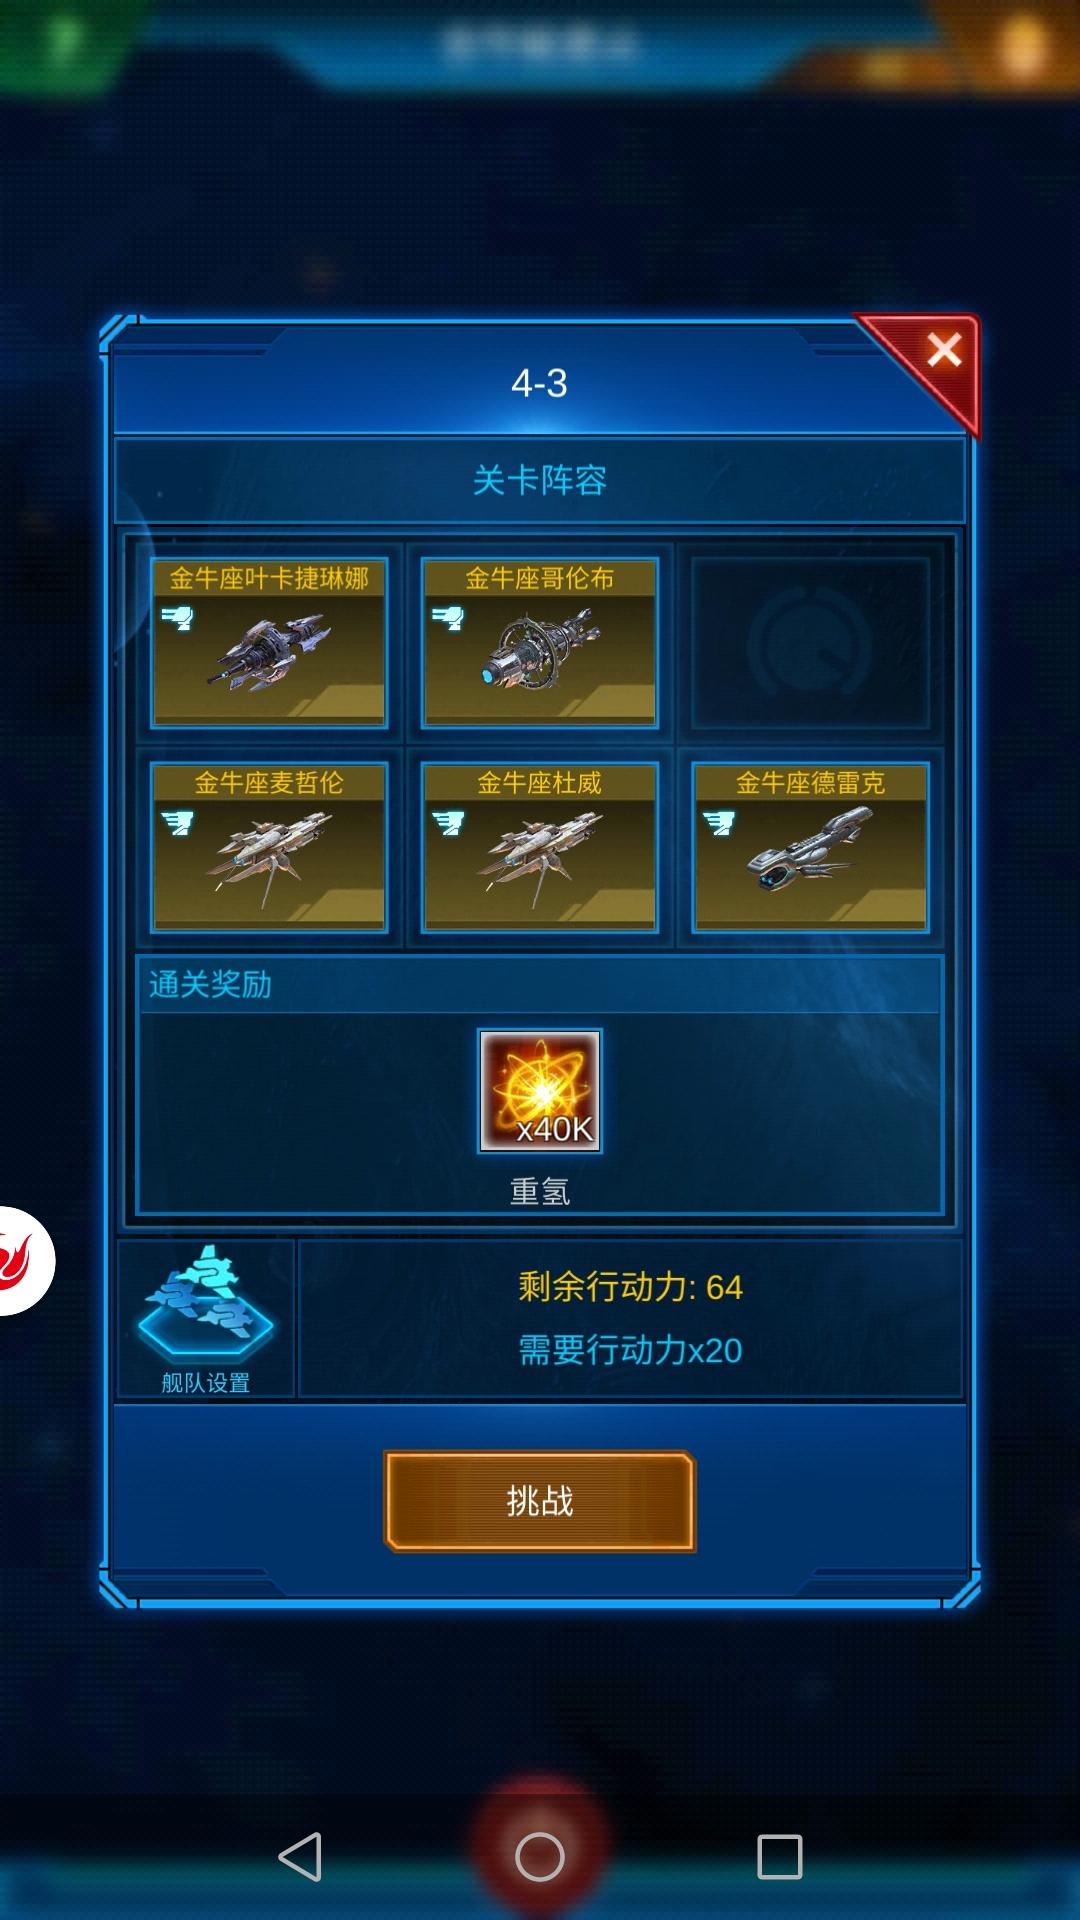 Screenshot_20200410-084217.jpg